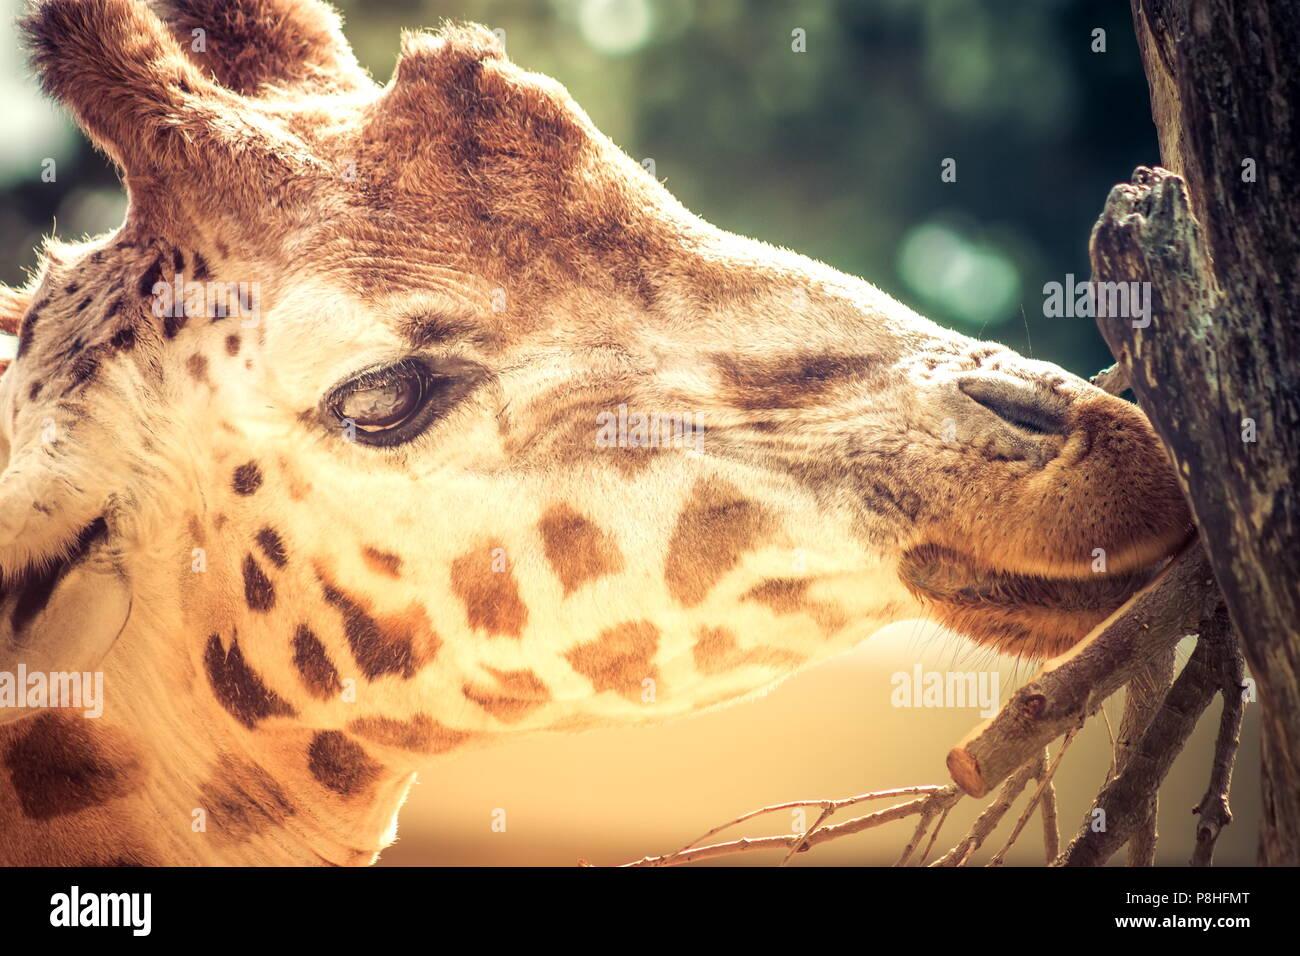 Close up portrait libre d'une girafe portrait head shot. Photo Stock